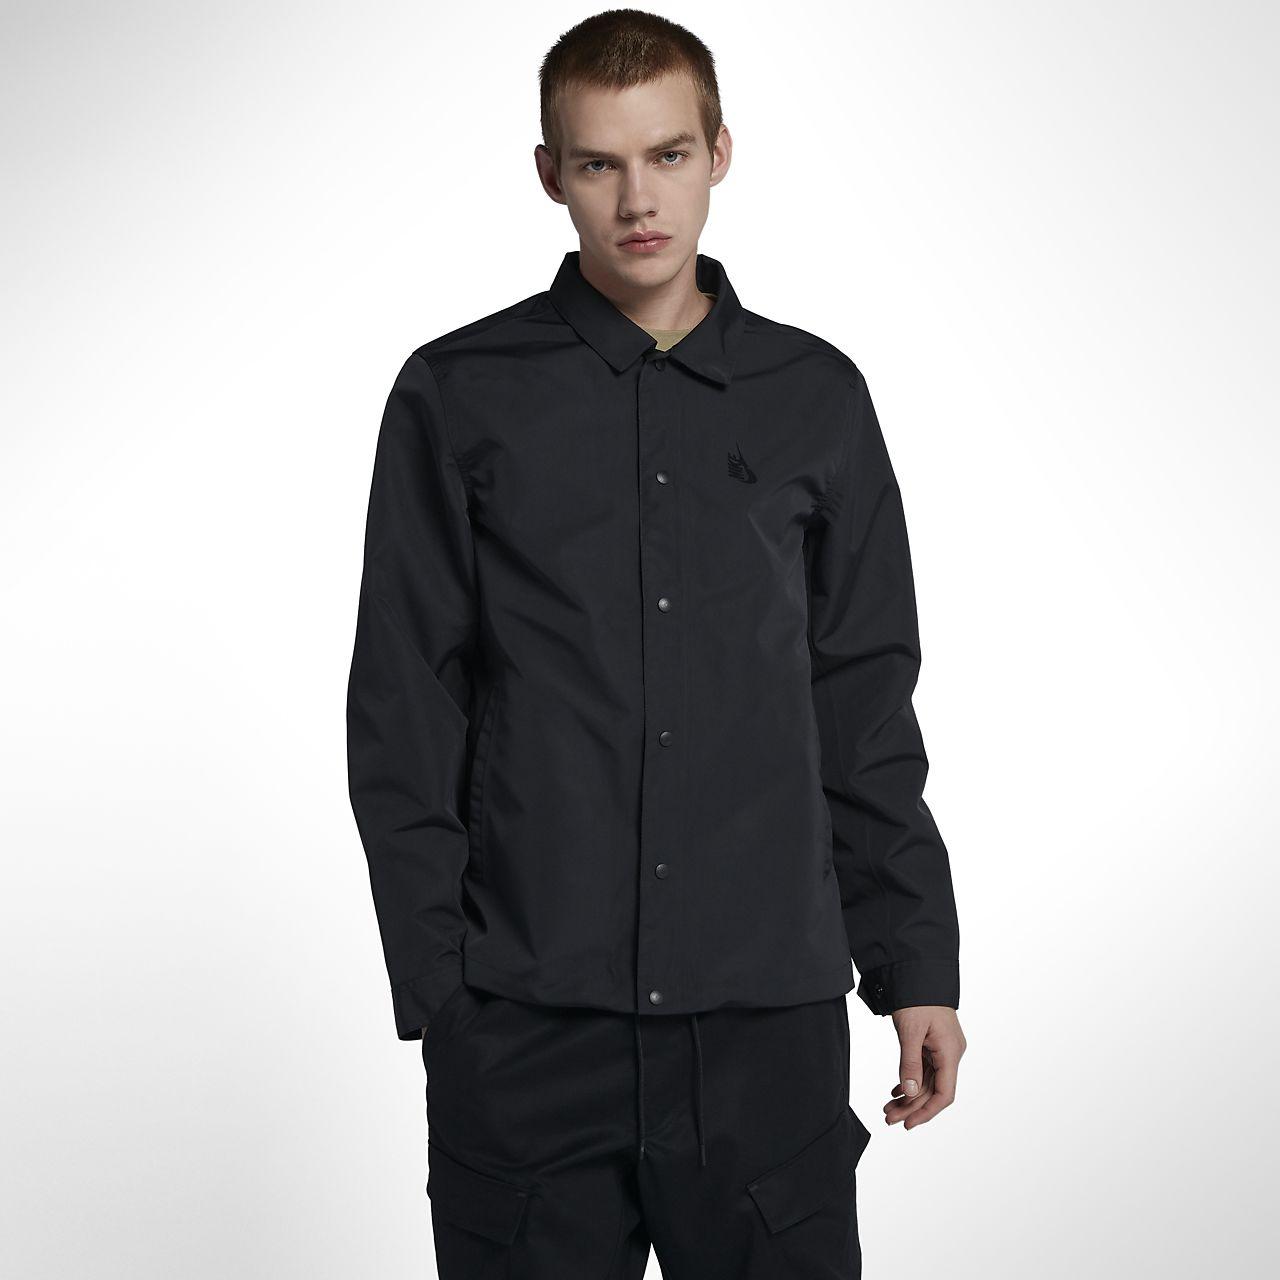 เสื้อแจ็คเก็ตผู้ชาย NikeLab Collection Coaches